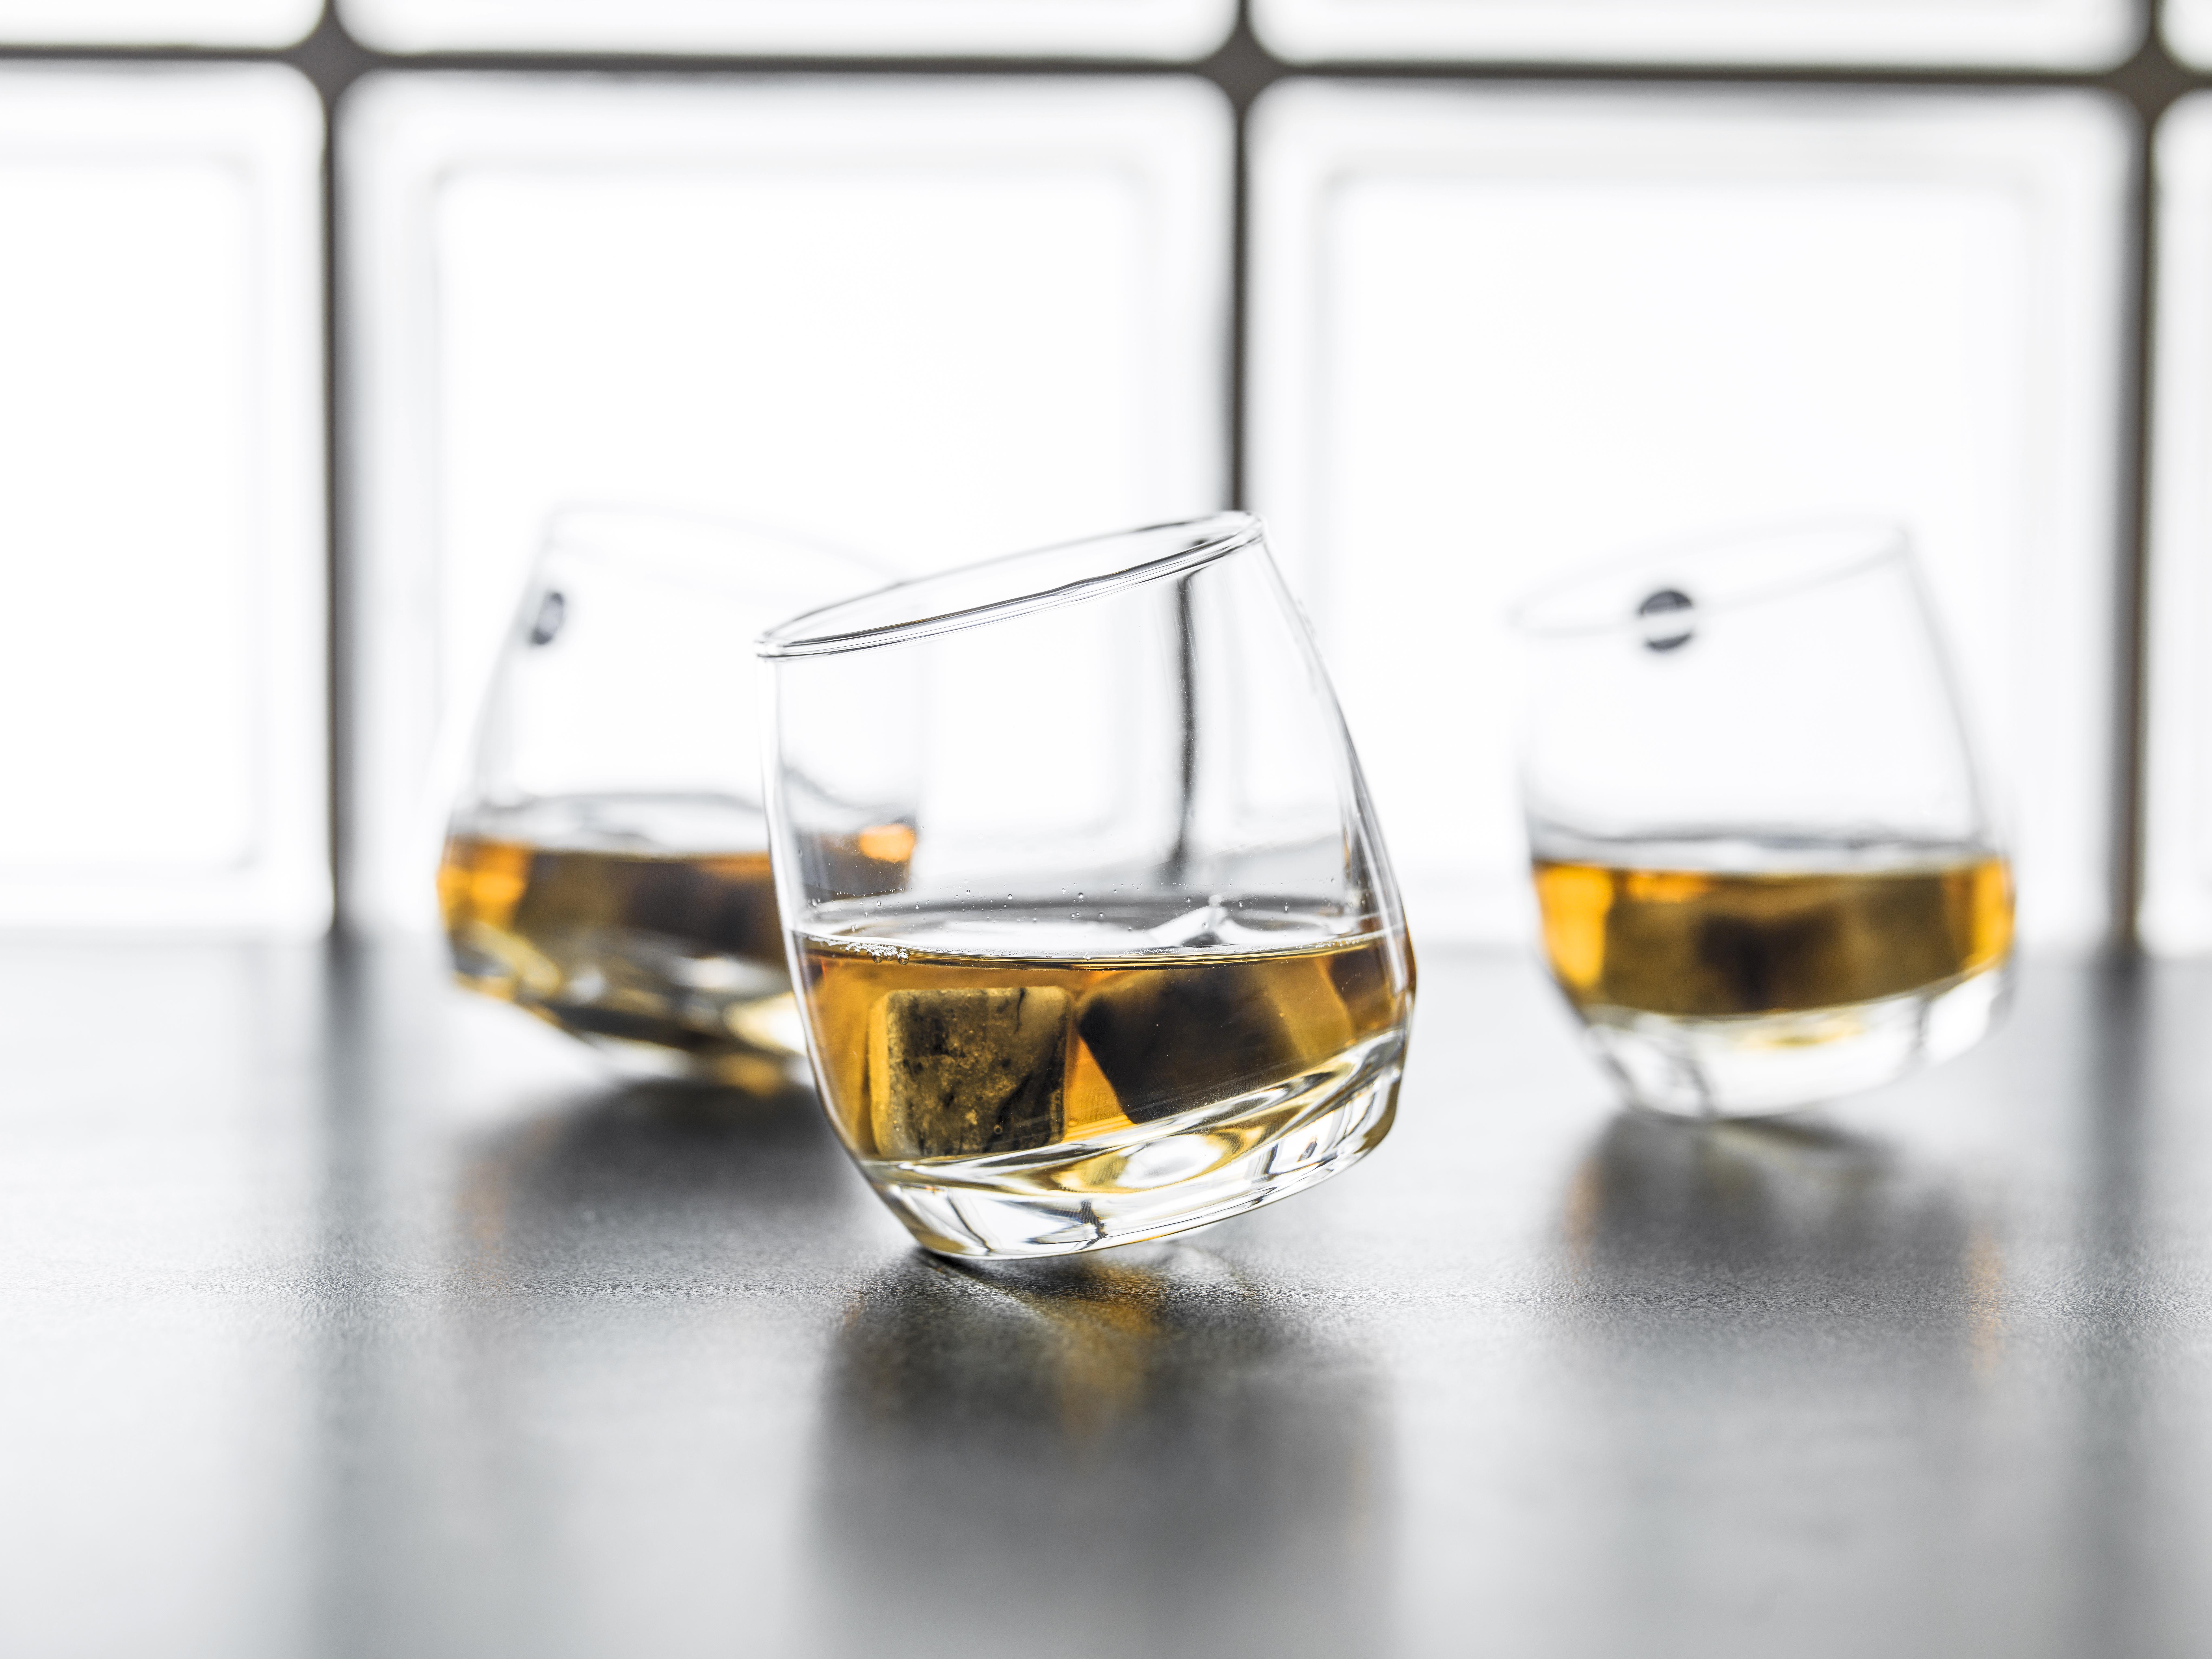 Det här glaset blir definitivt ett diskussionsämne bland vänner och bekanta på bjudningen eller festen.